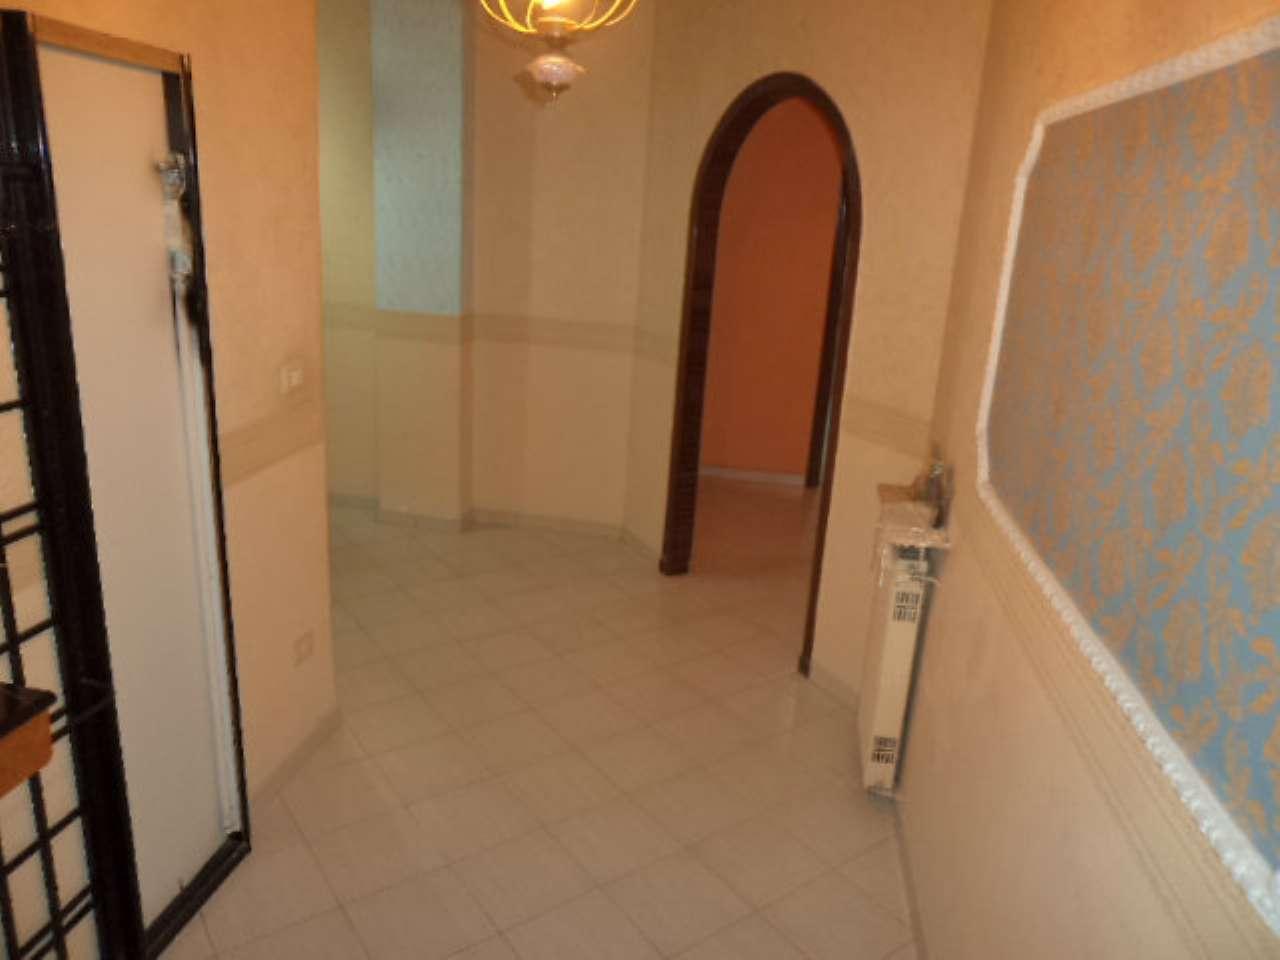 Appartamento in vendita a Giugliano in Campania, 9999 locali, prezzo € 170.000 | CambioCasa.it